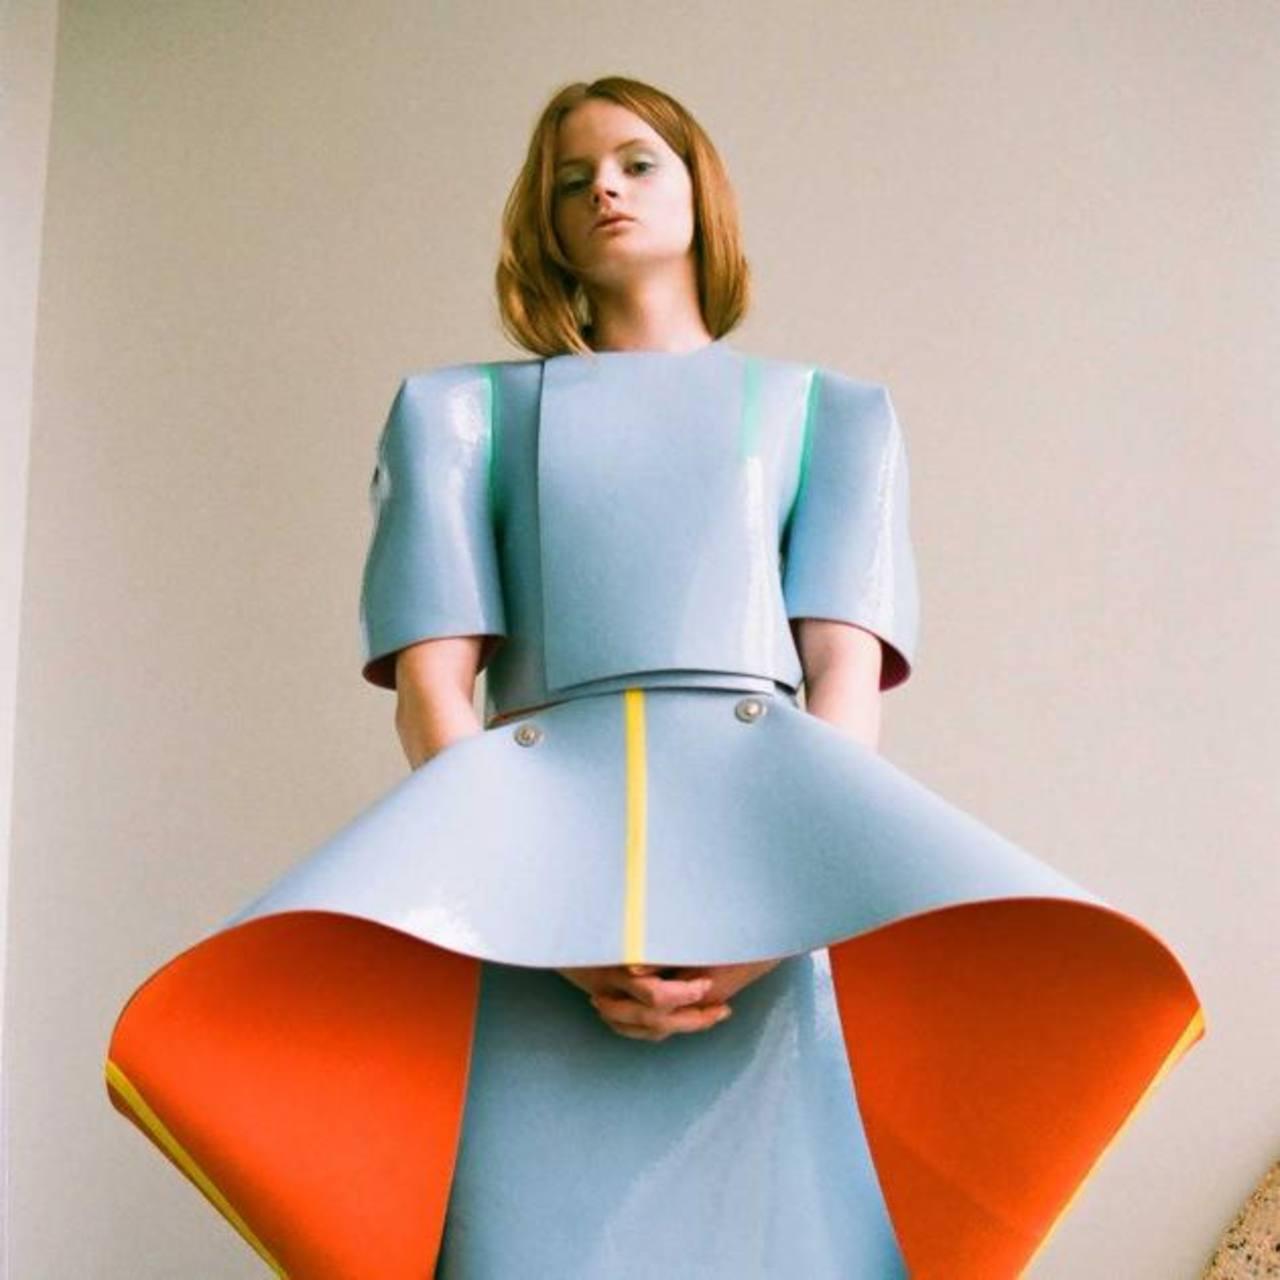 Cop busca en el diseño de moda un significado humano, más allá de la prenda de vestir.